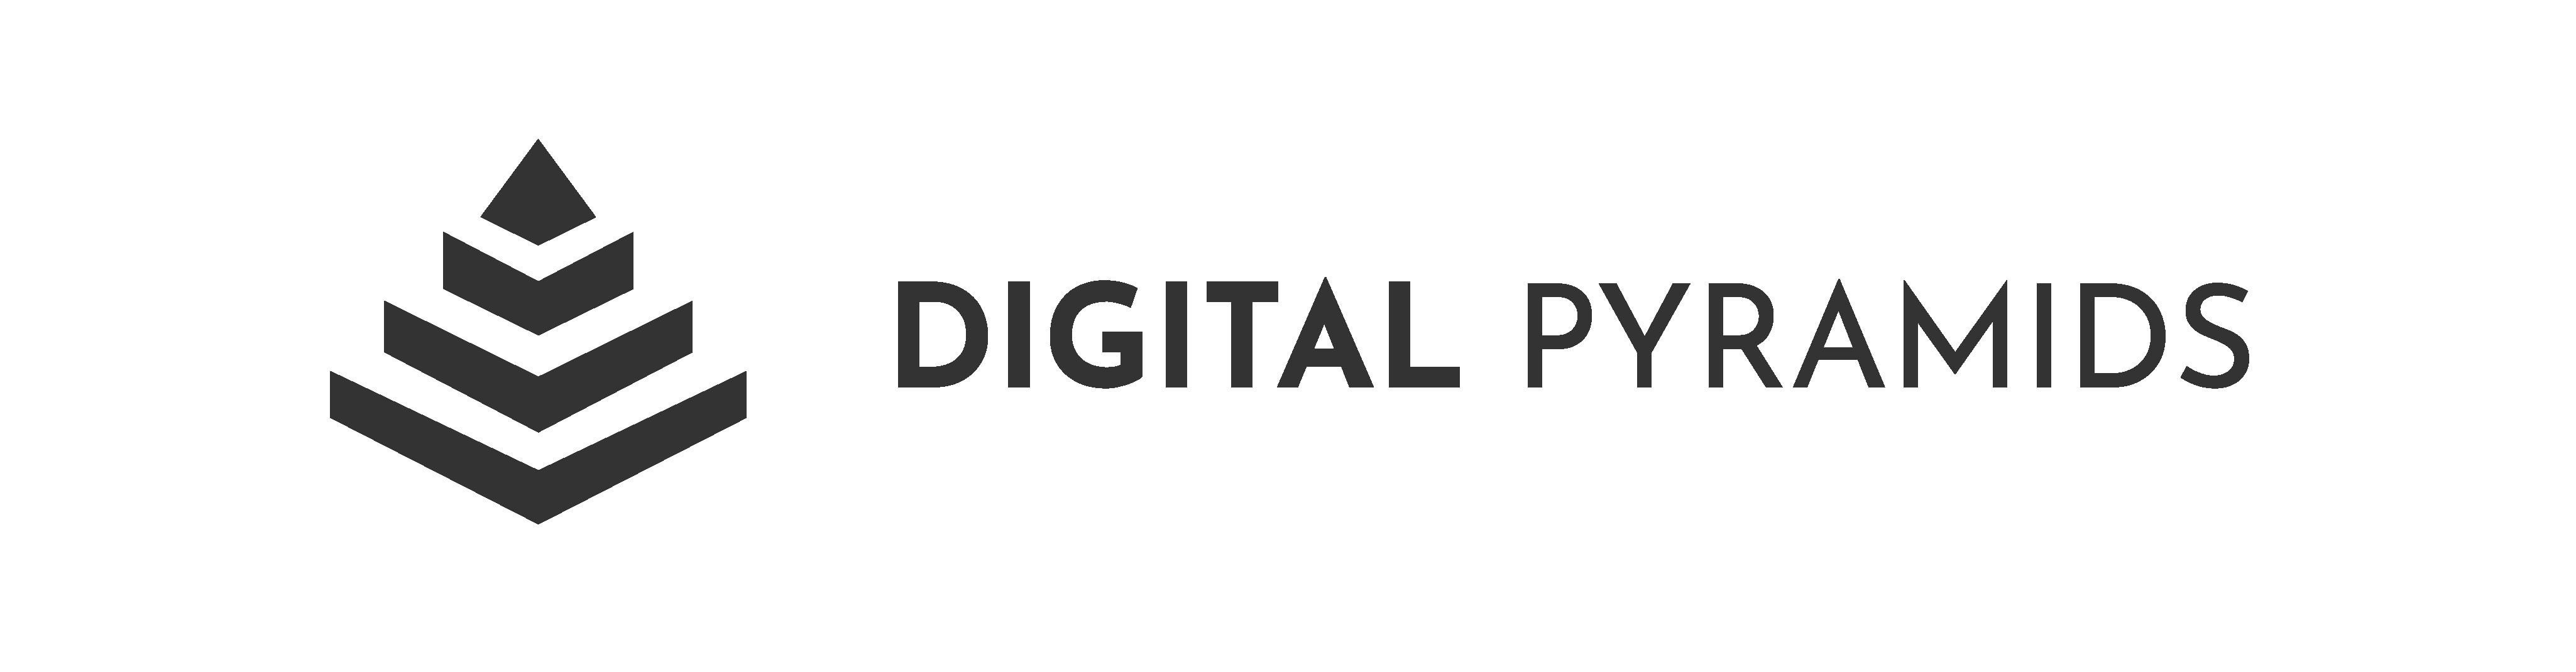 Digital Pyramids